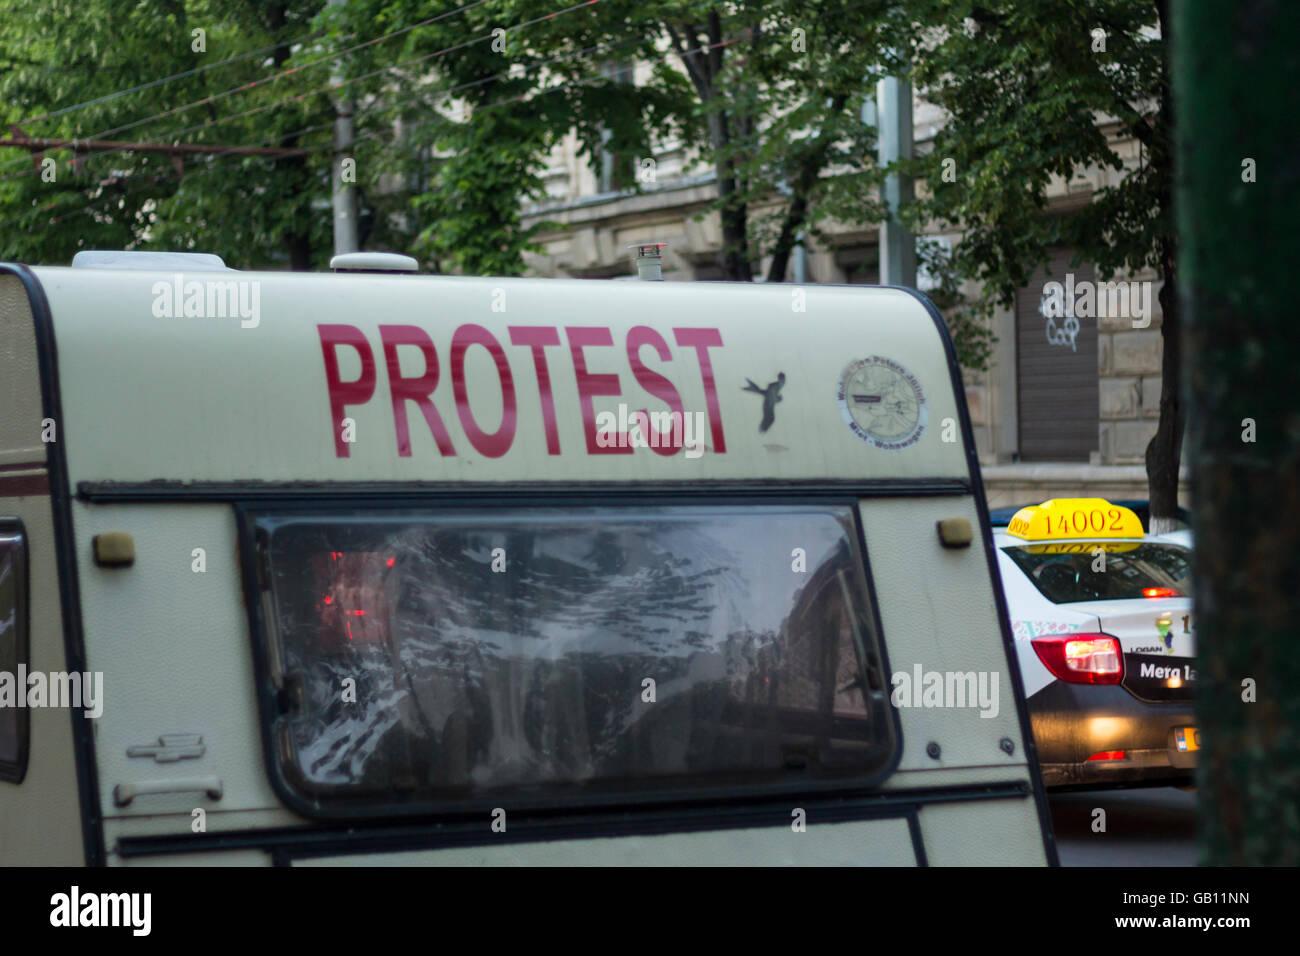 Chisinau, Moldova - May 21, 2016: Protester caravan near the government building in Chisinau, the Republic of Moldova - Stock Image